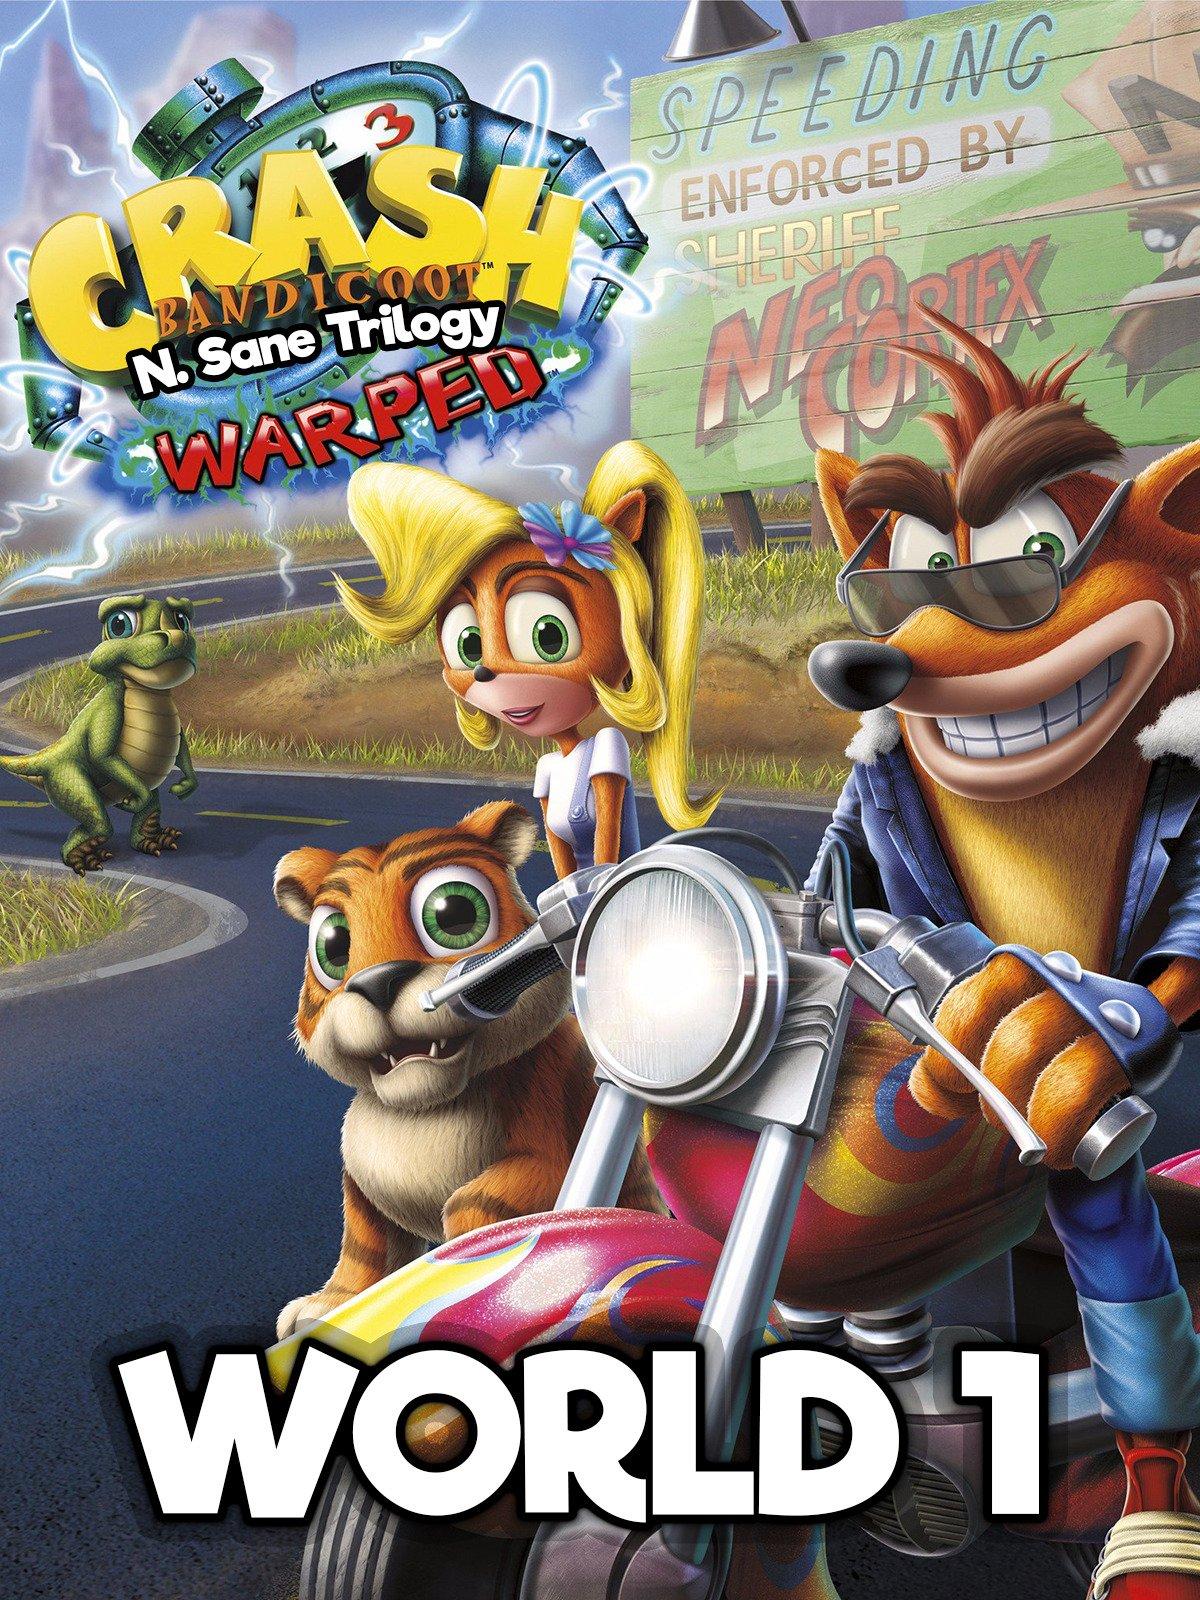 Watch Crash Bandicoot N Sane Trilogy Warped World 2 Prime